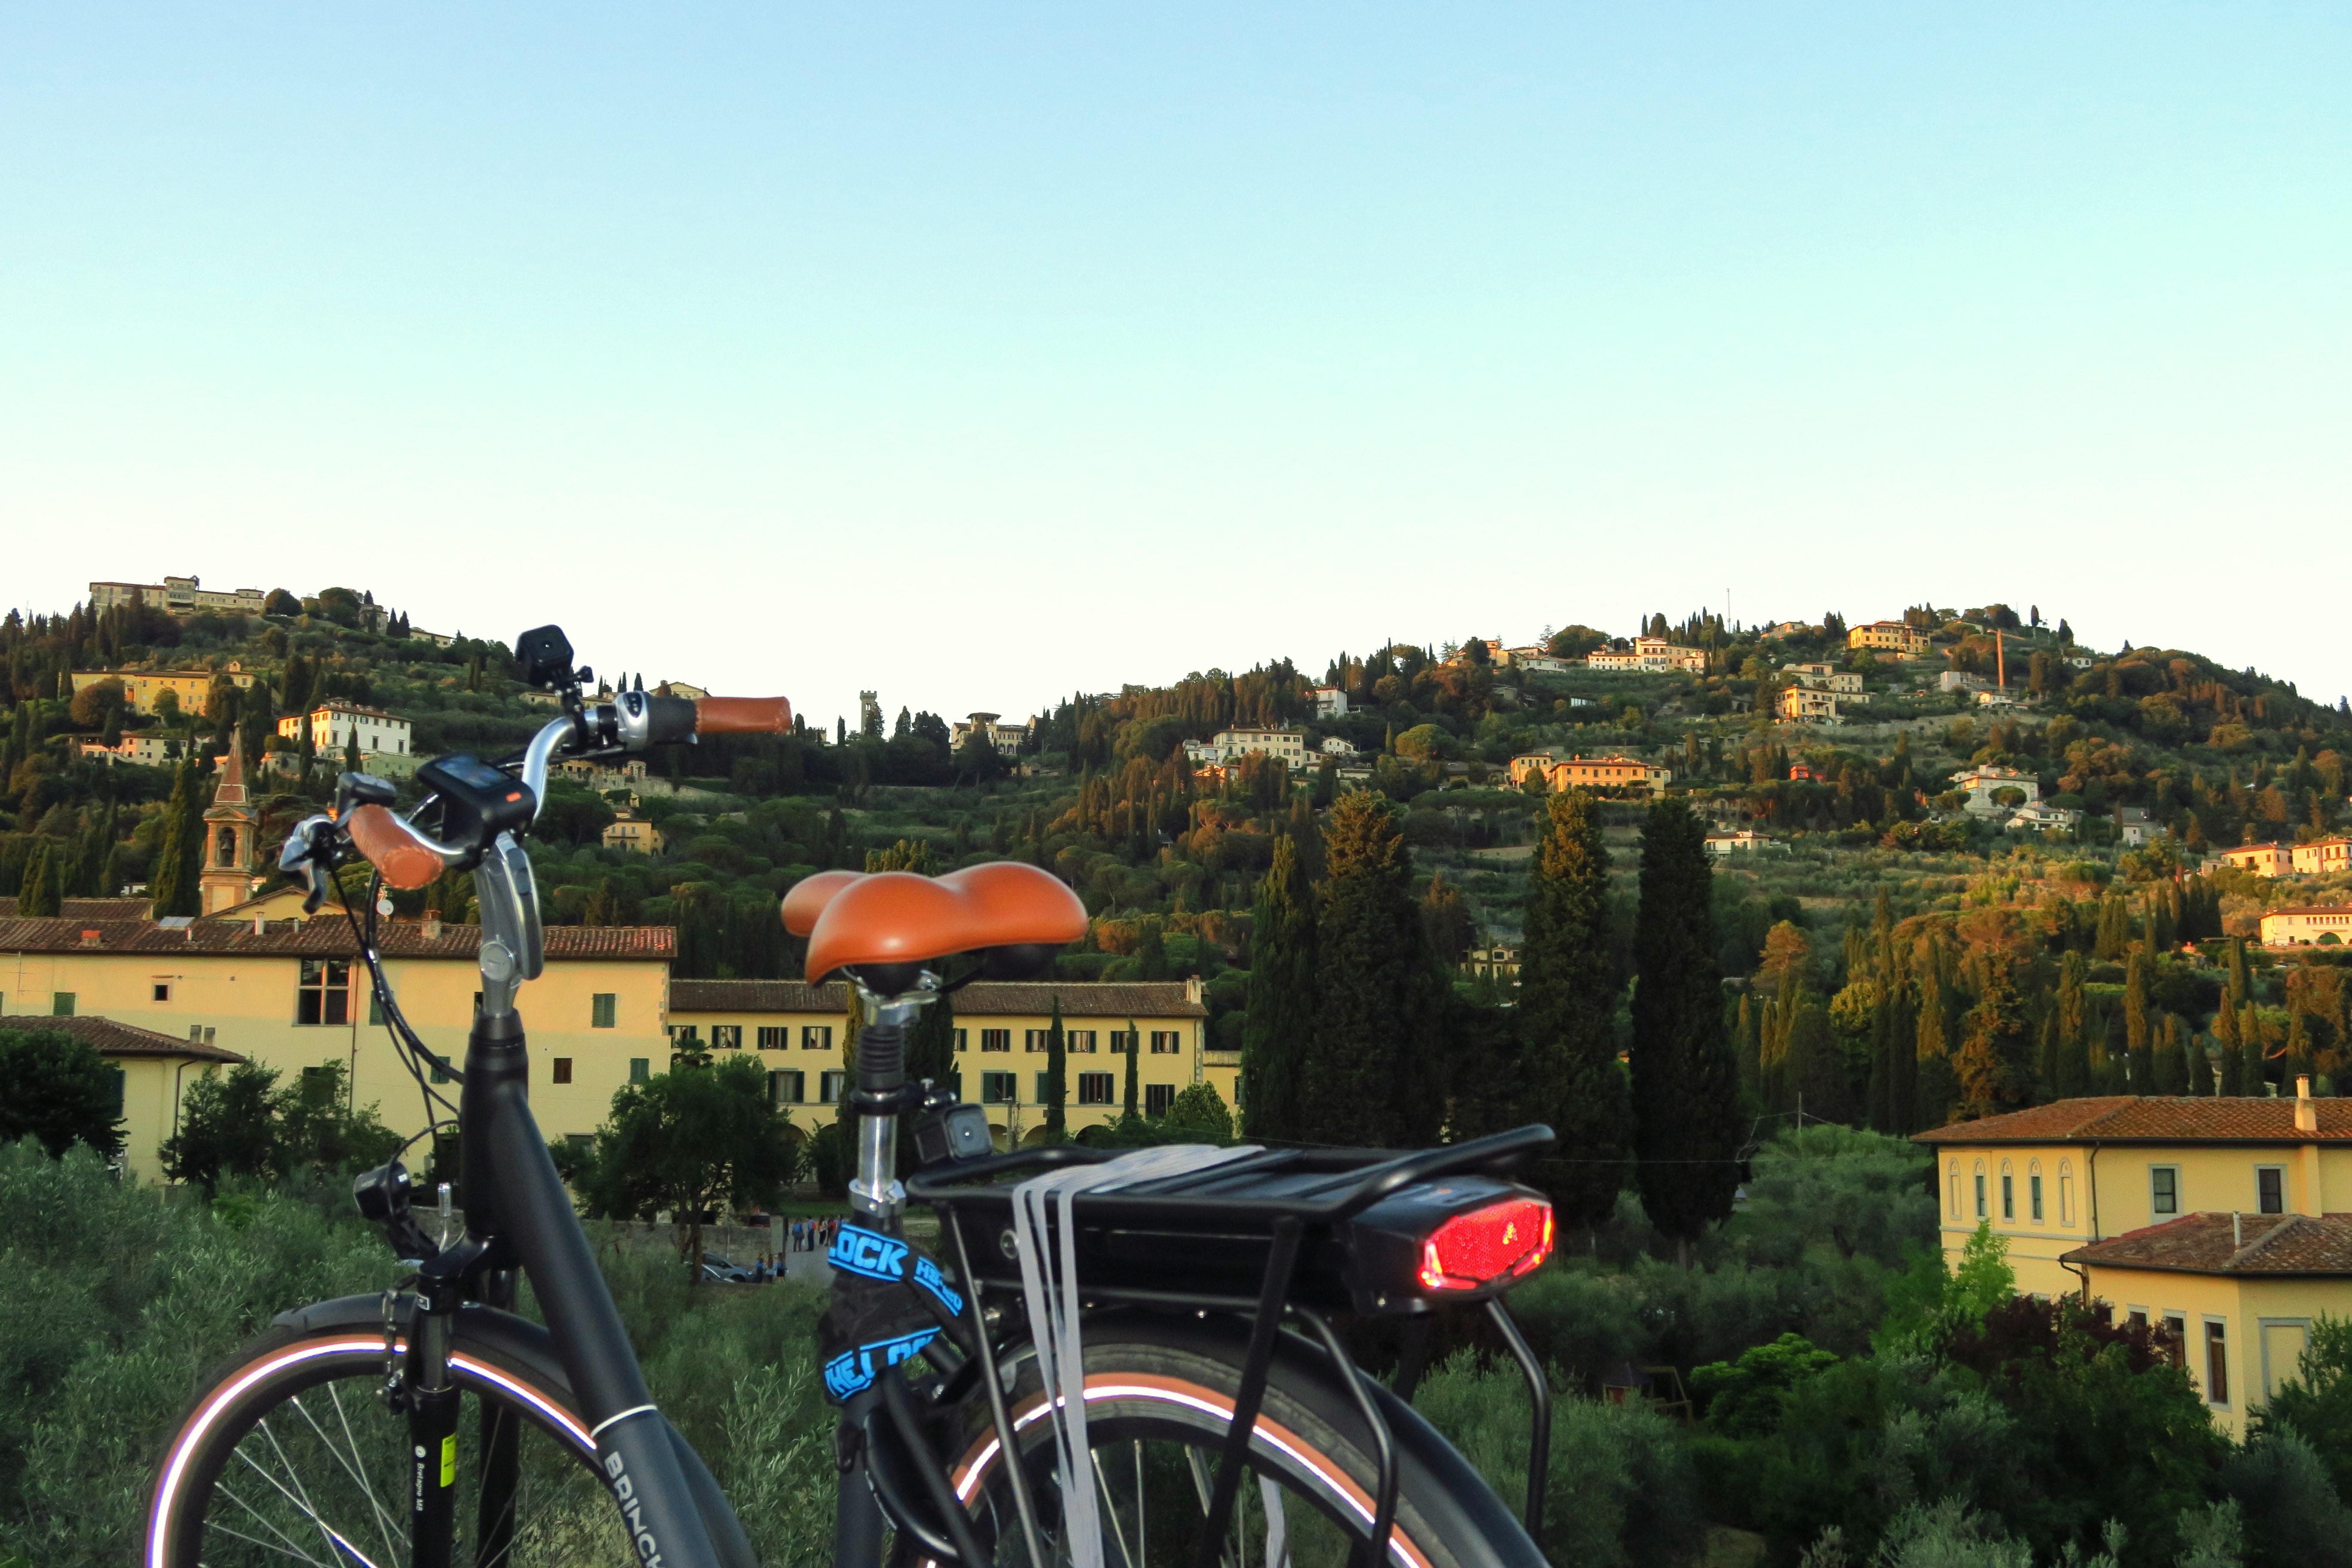 electric bike, bike in fissile